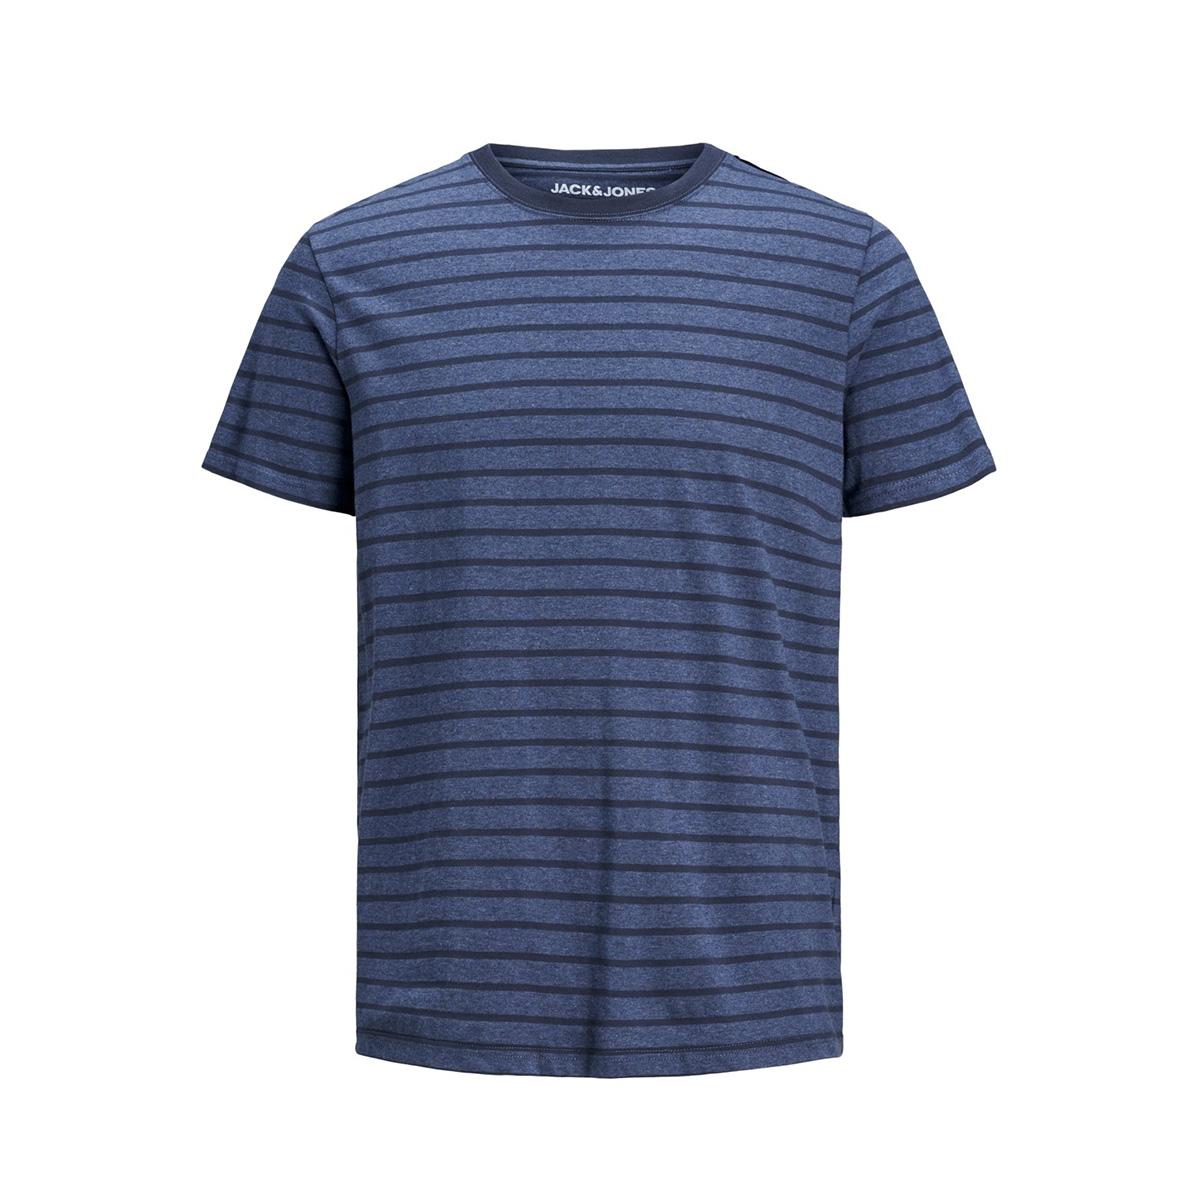 jjestriped tee ss crew neck sts 12164640 jack & jones t-shirt denim blue/slim fit